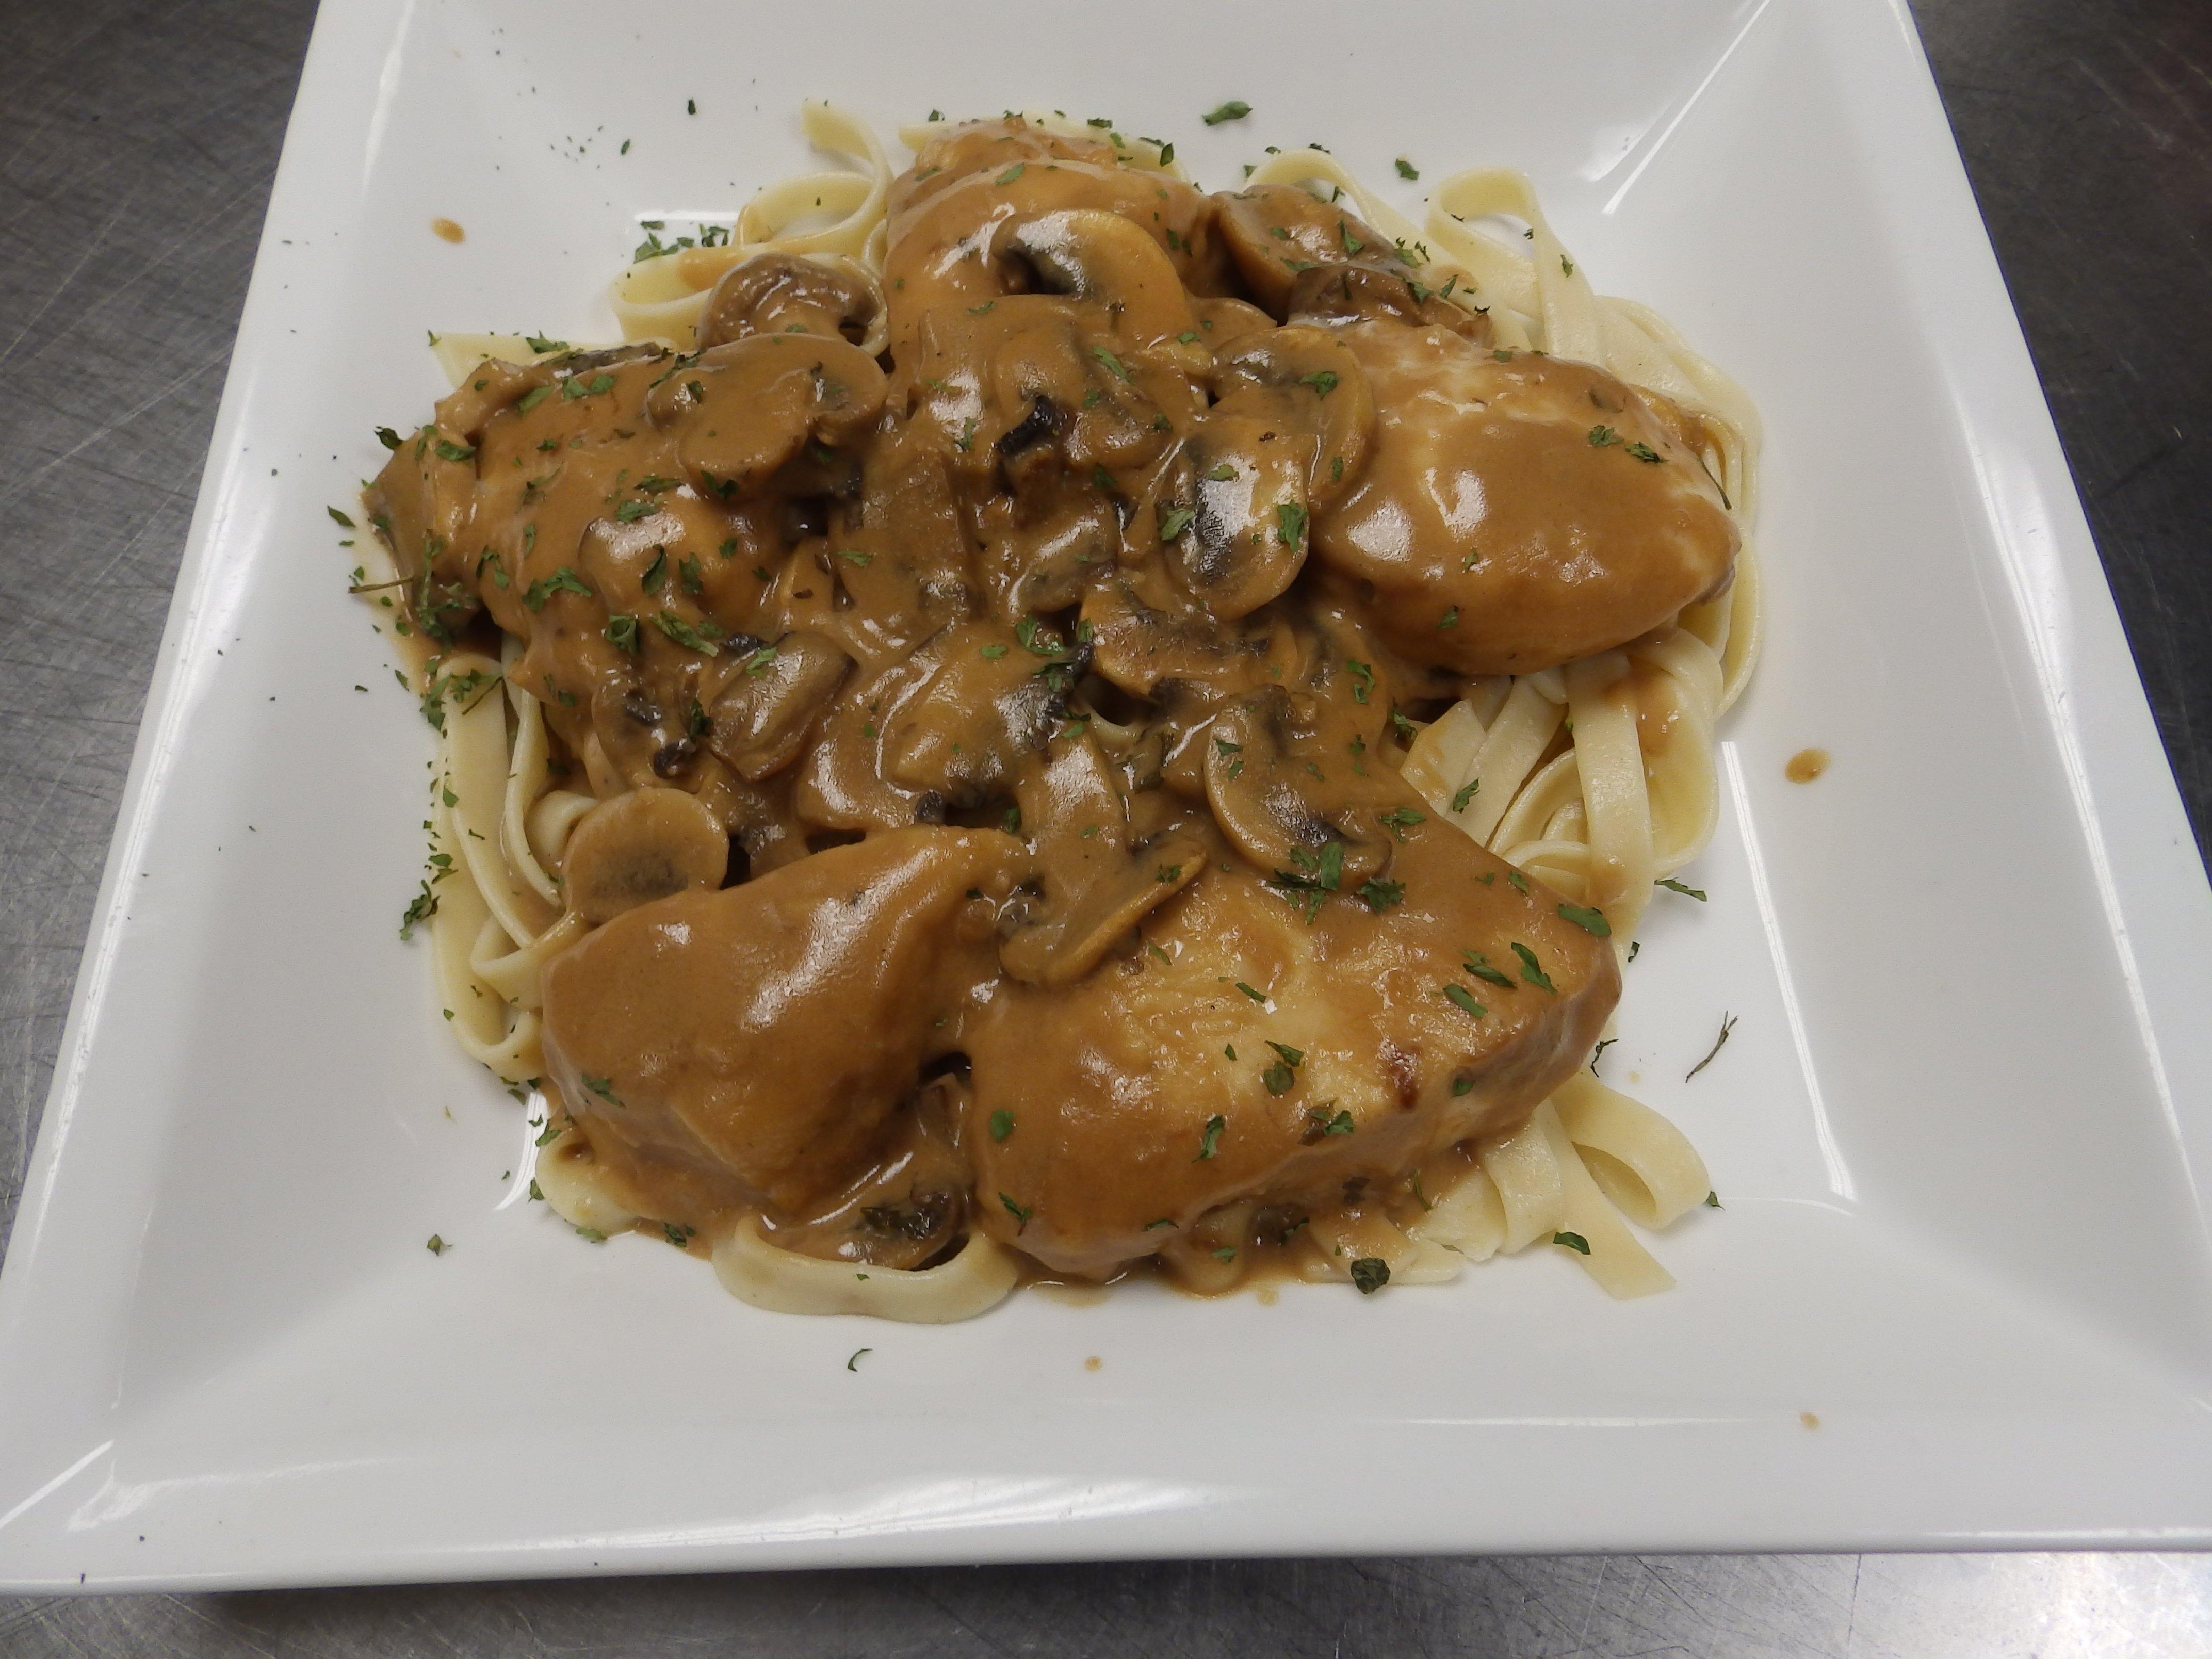 Charlmont Restaurant's chicken marsala